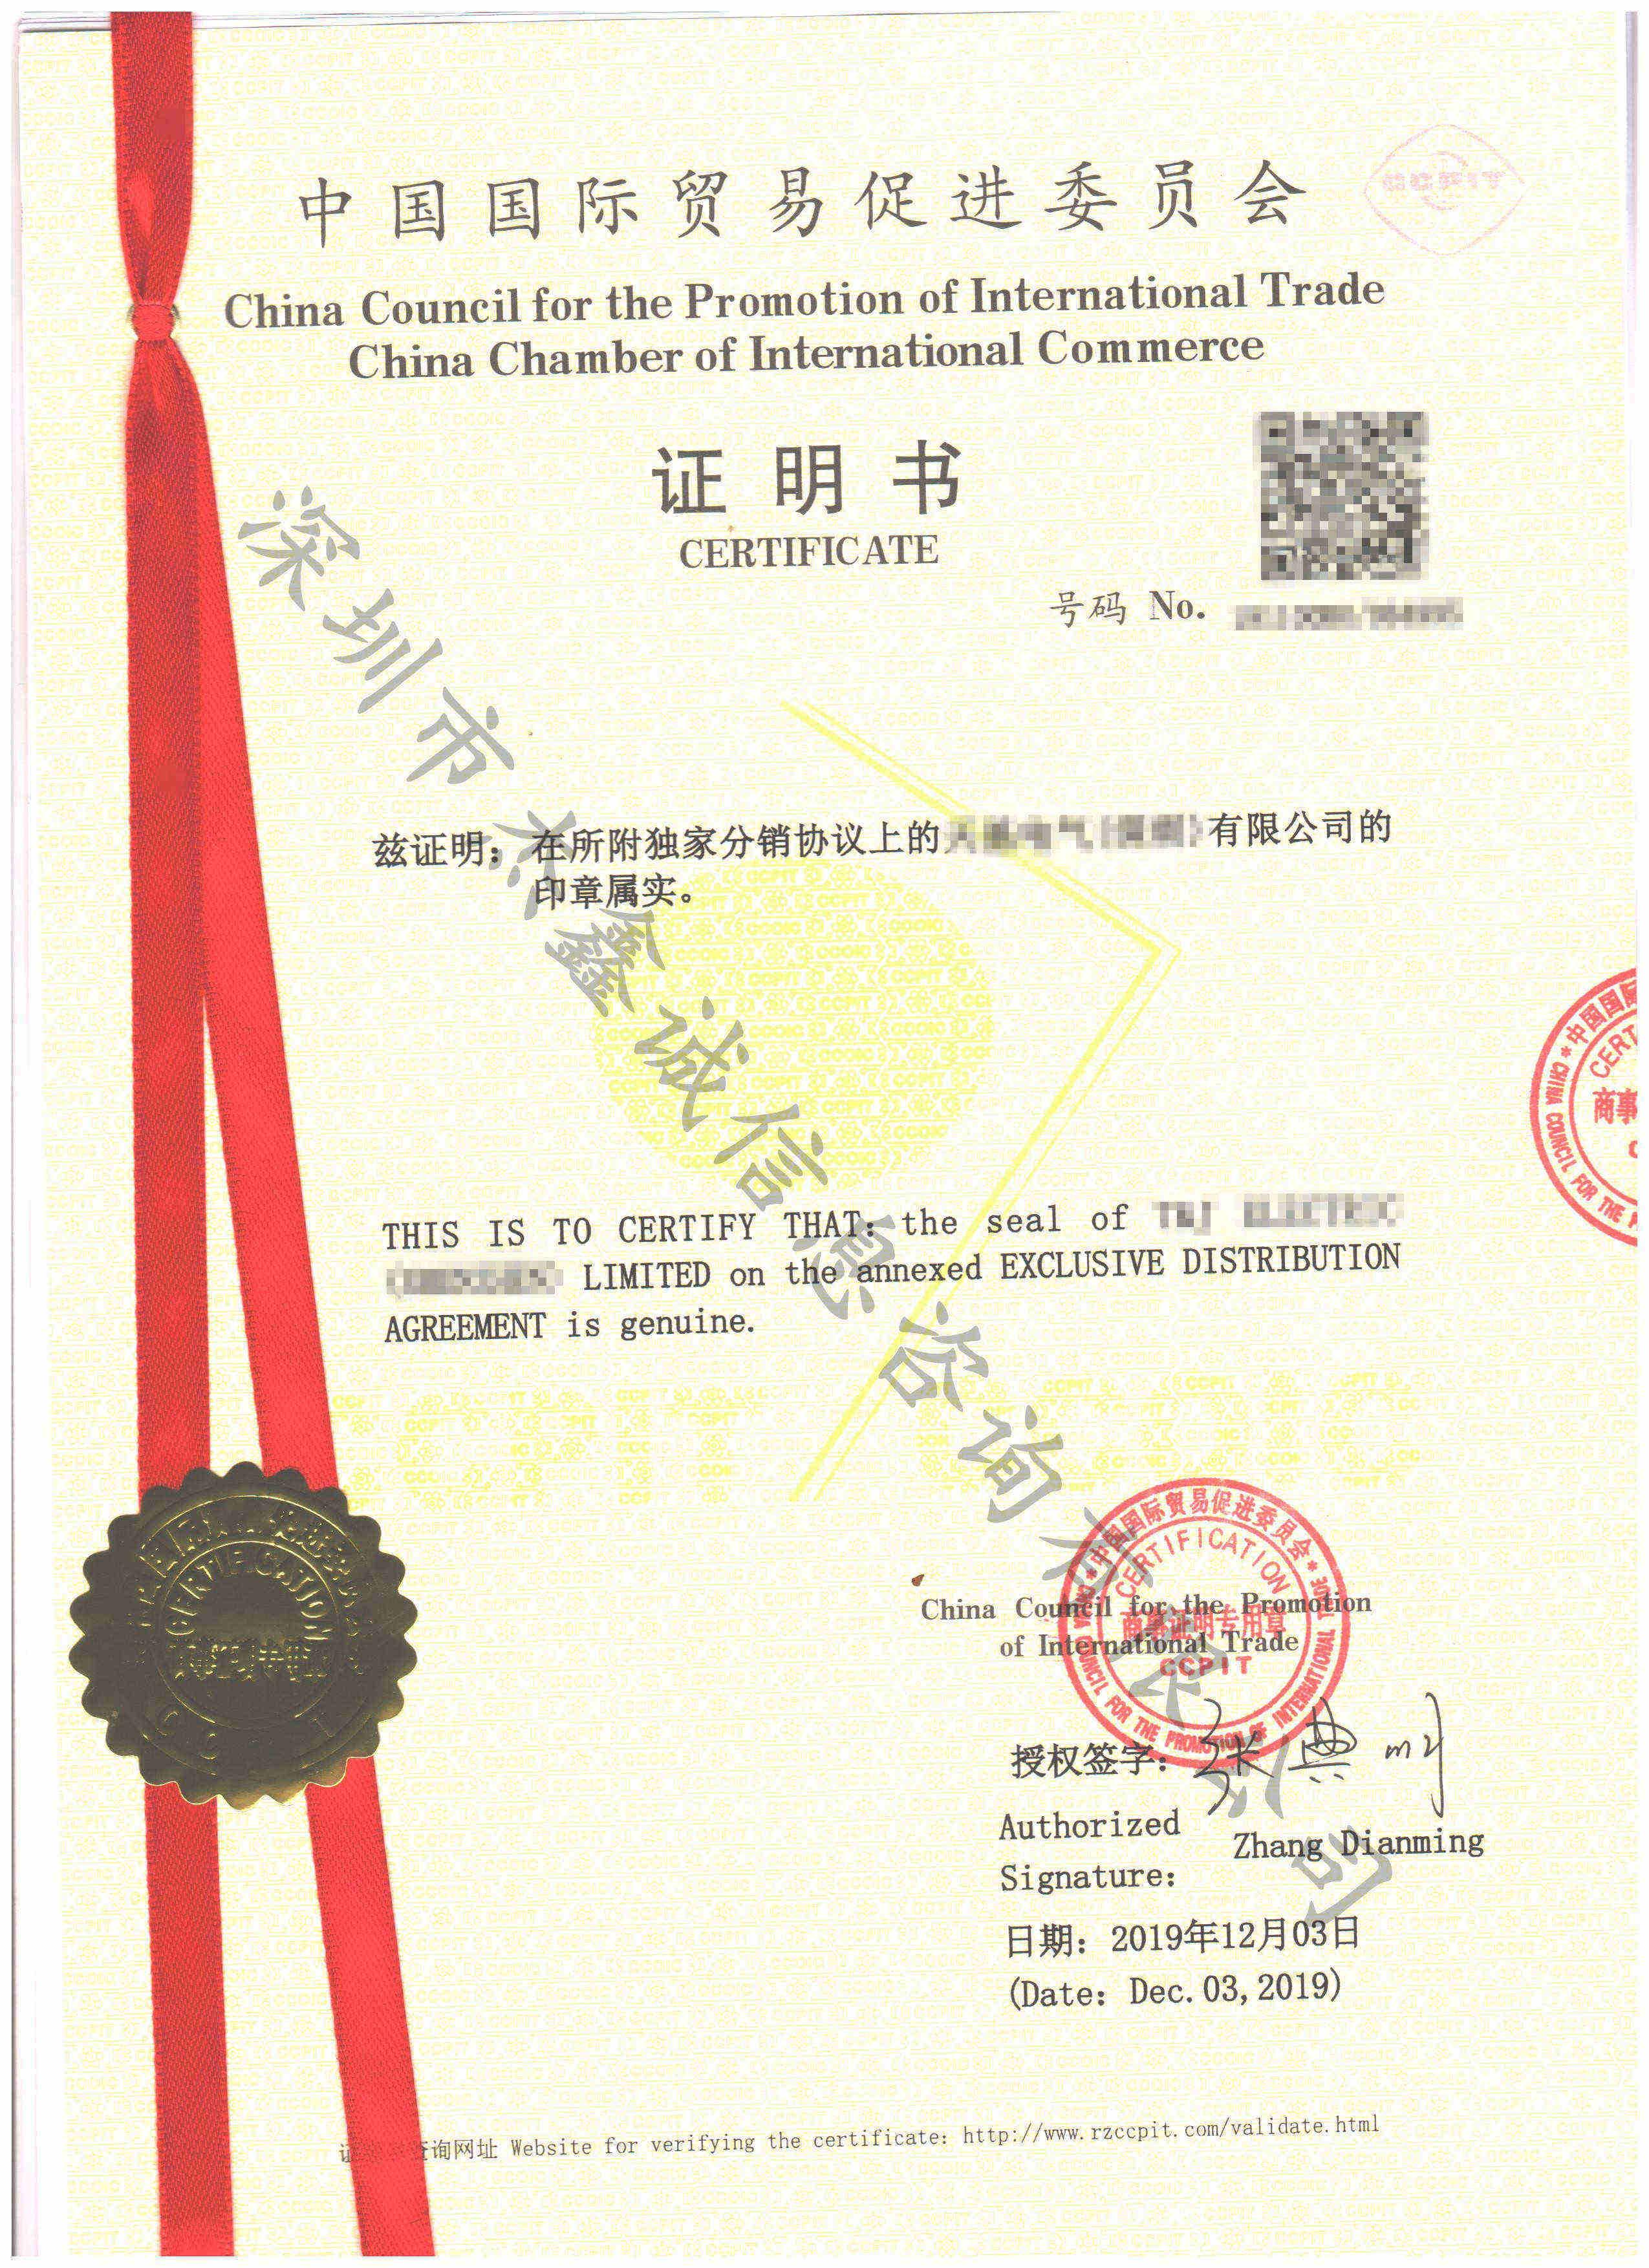 北京外交部认证电话_阿曼领事馆认证加签分销协议_CCPIT加签|领事馆加签|商会认证 ...